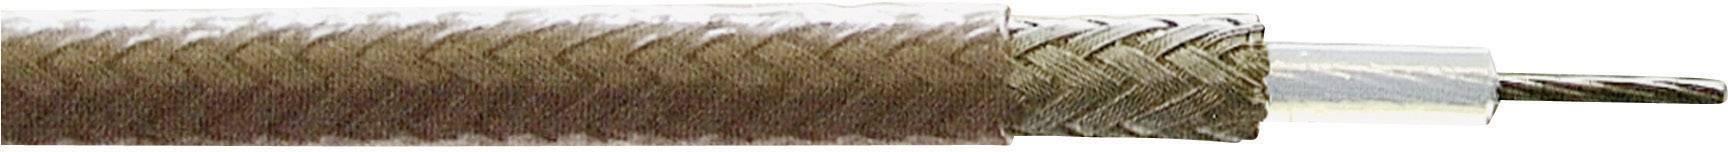 Koaxiálny kábel Huber & Suhner 22510044, 75 Ohm, metrový tovar, hnedá